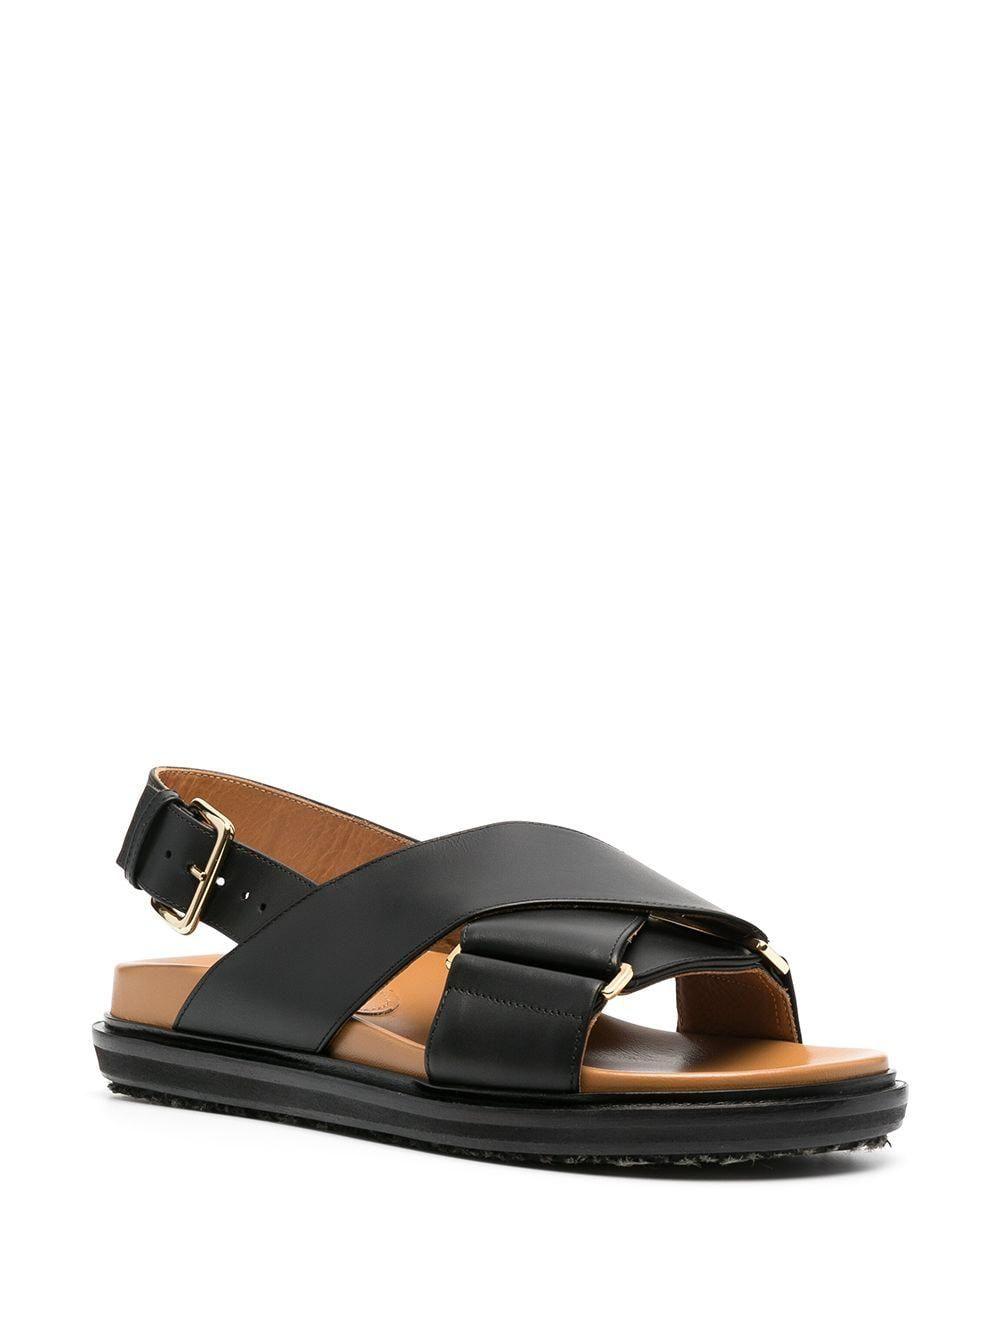 Fussbett Criss Cross Sandals